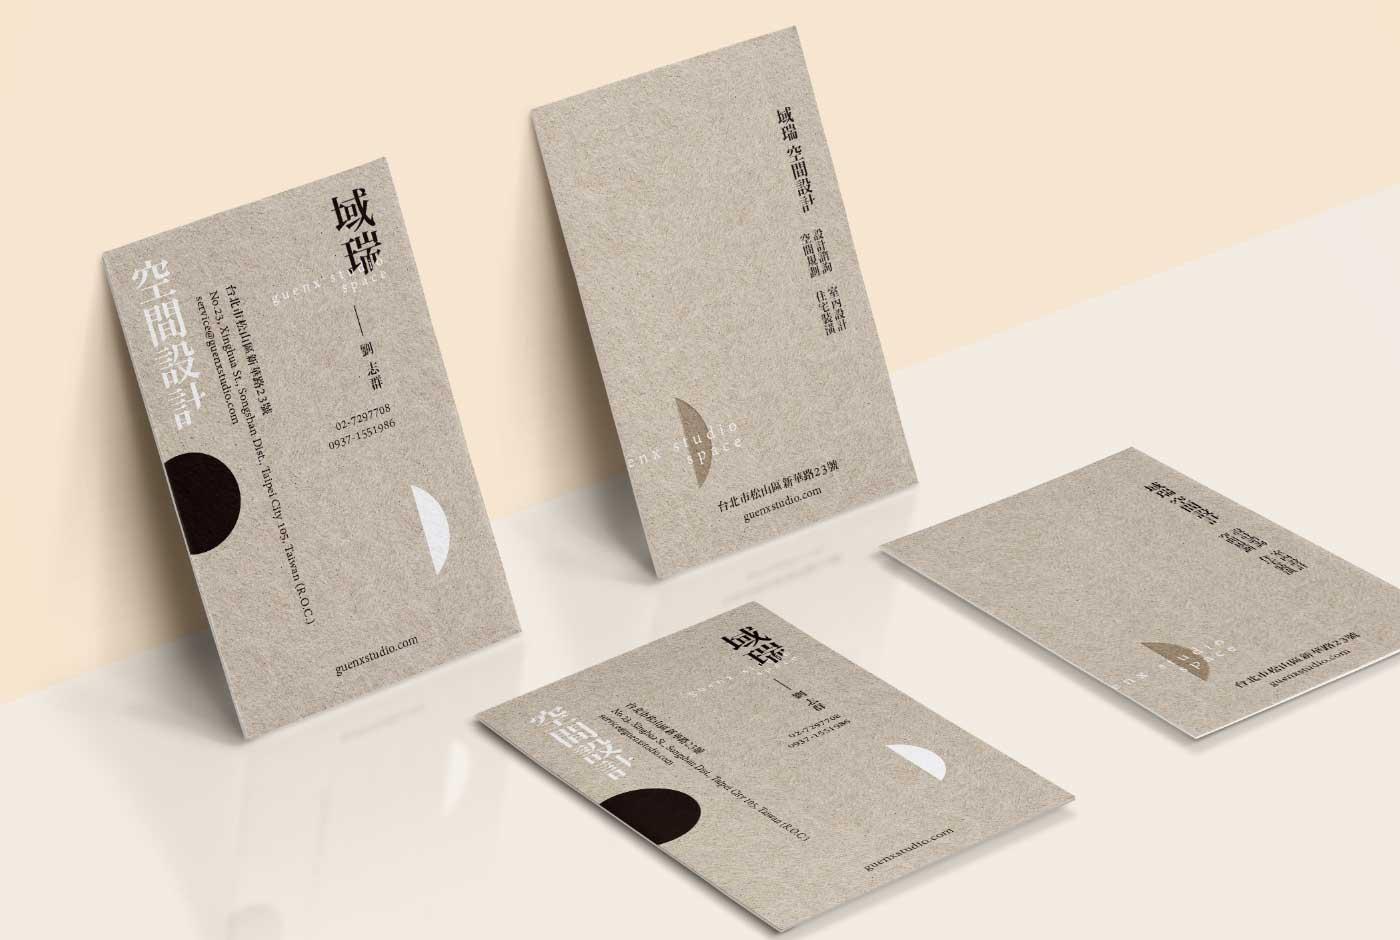 台中名片設計-室內設計/建築師名片設計案例